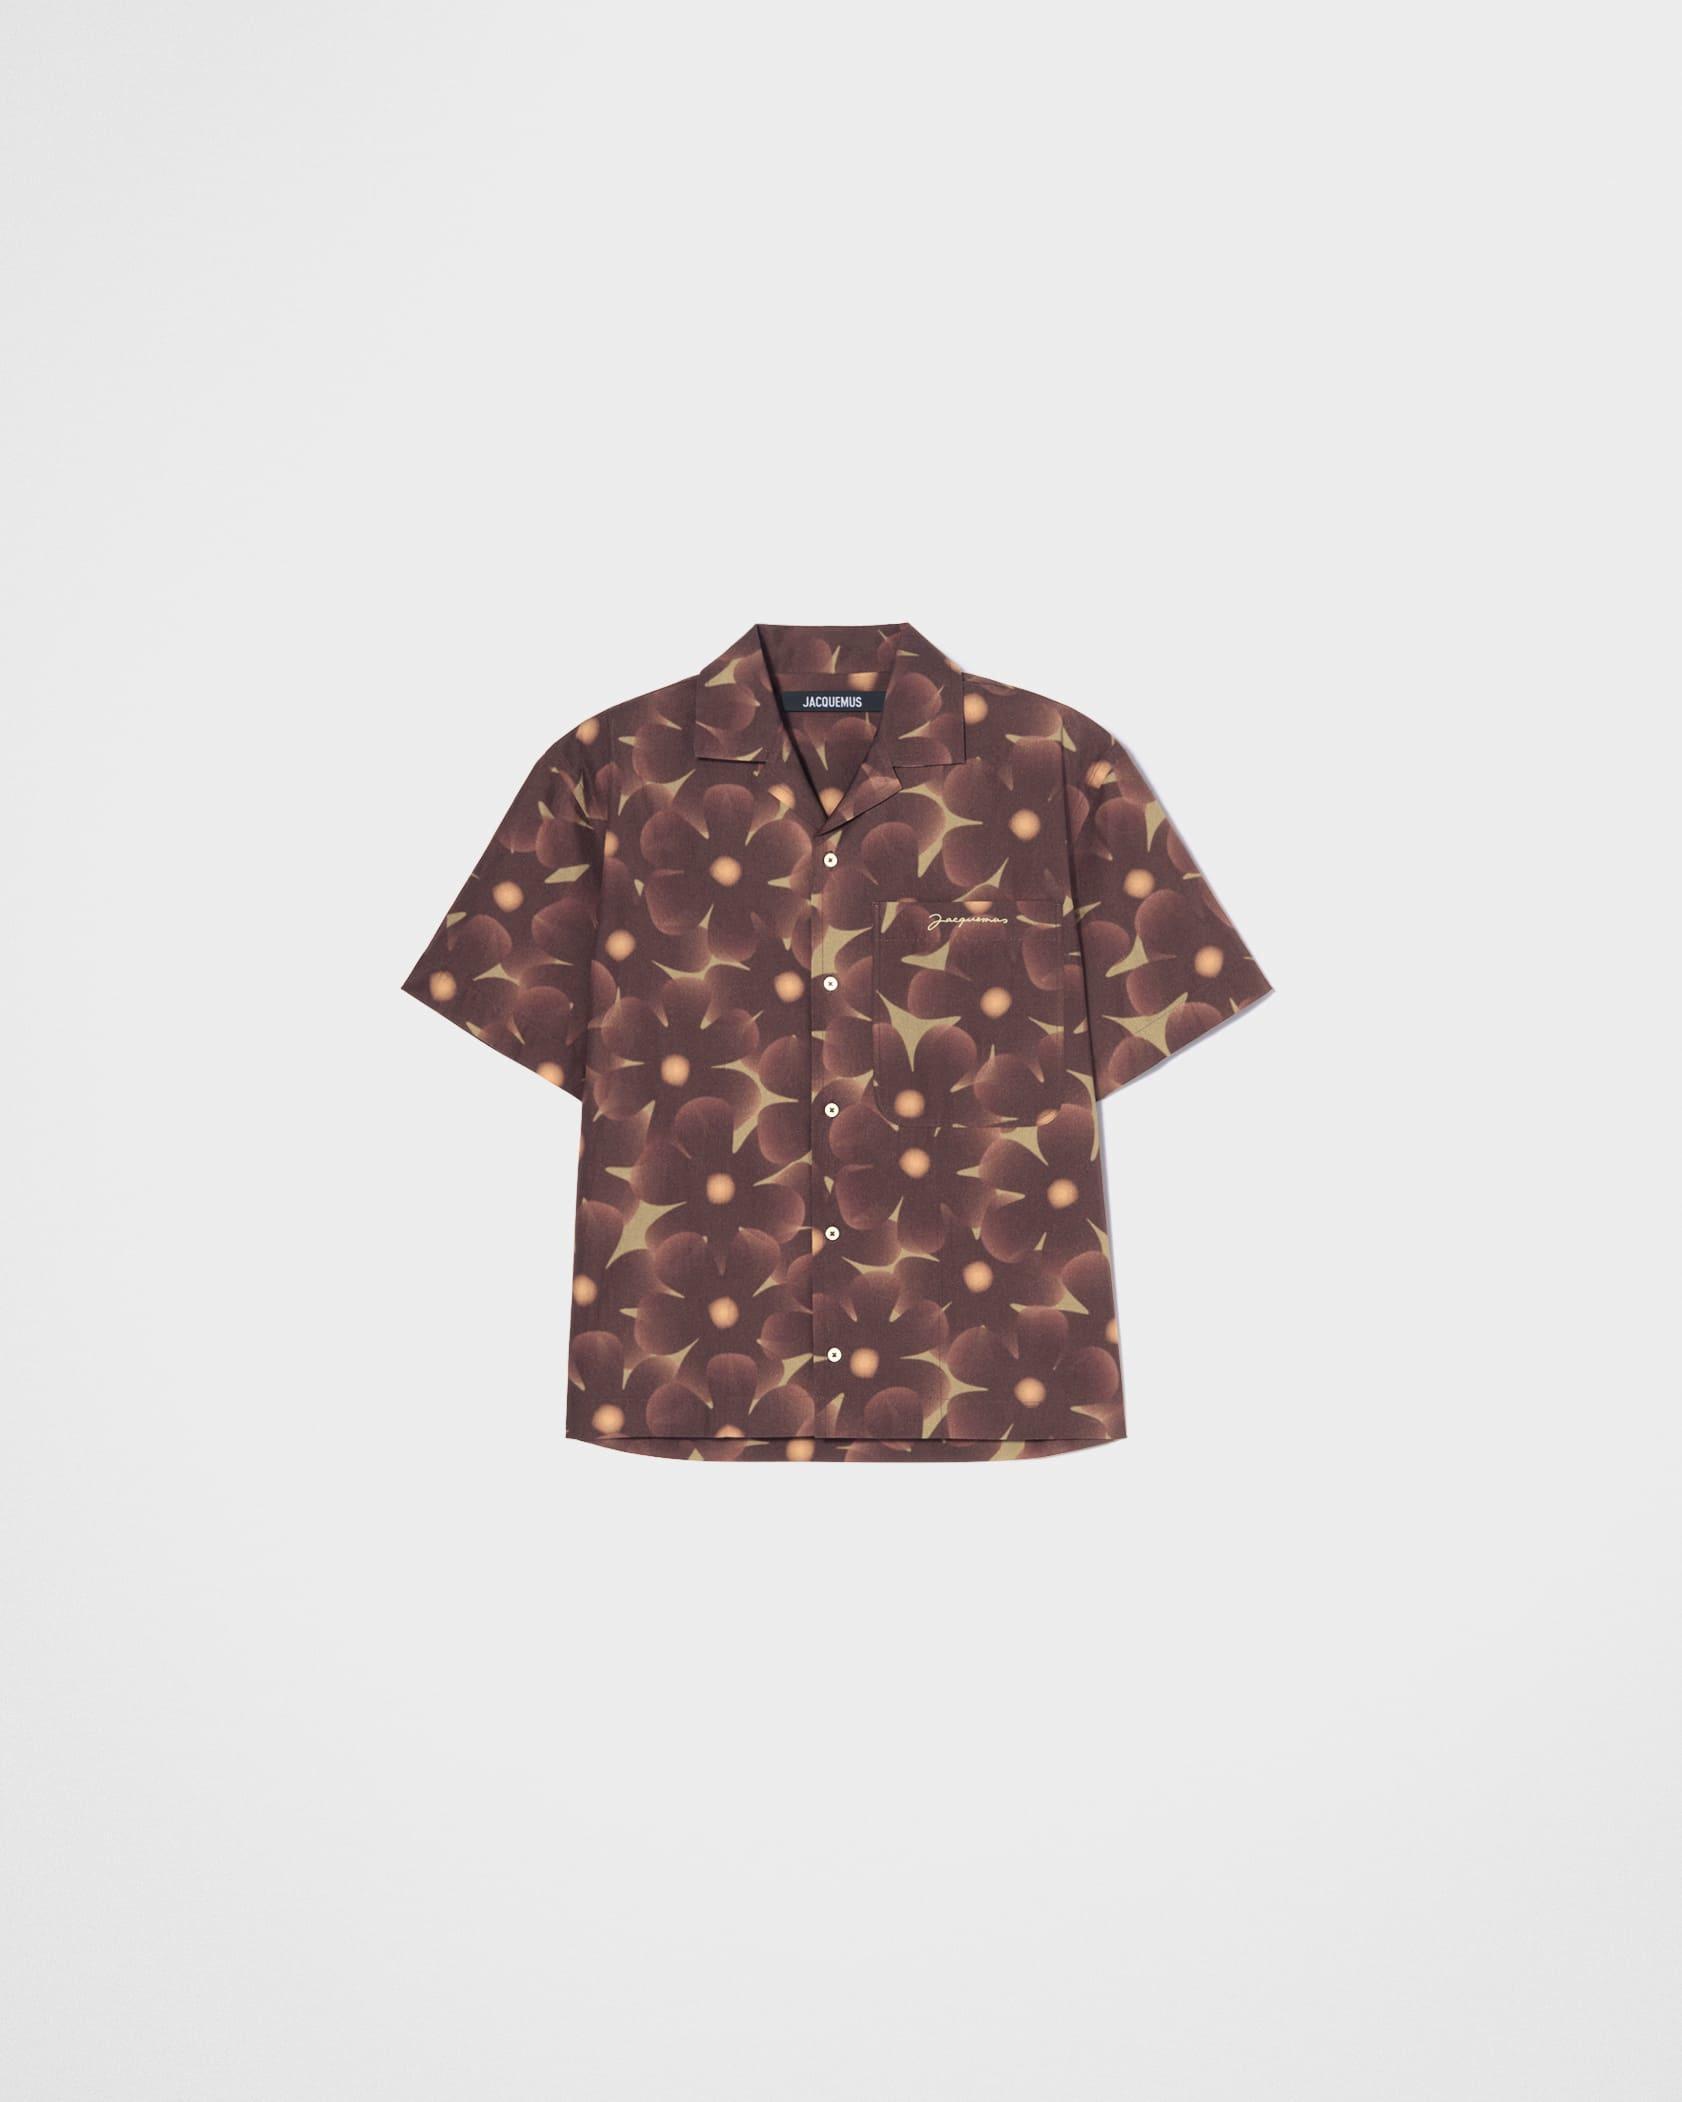 La chemise Jean